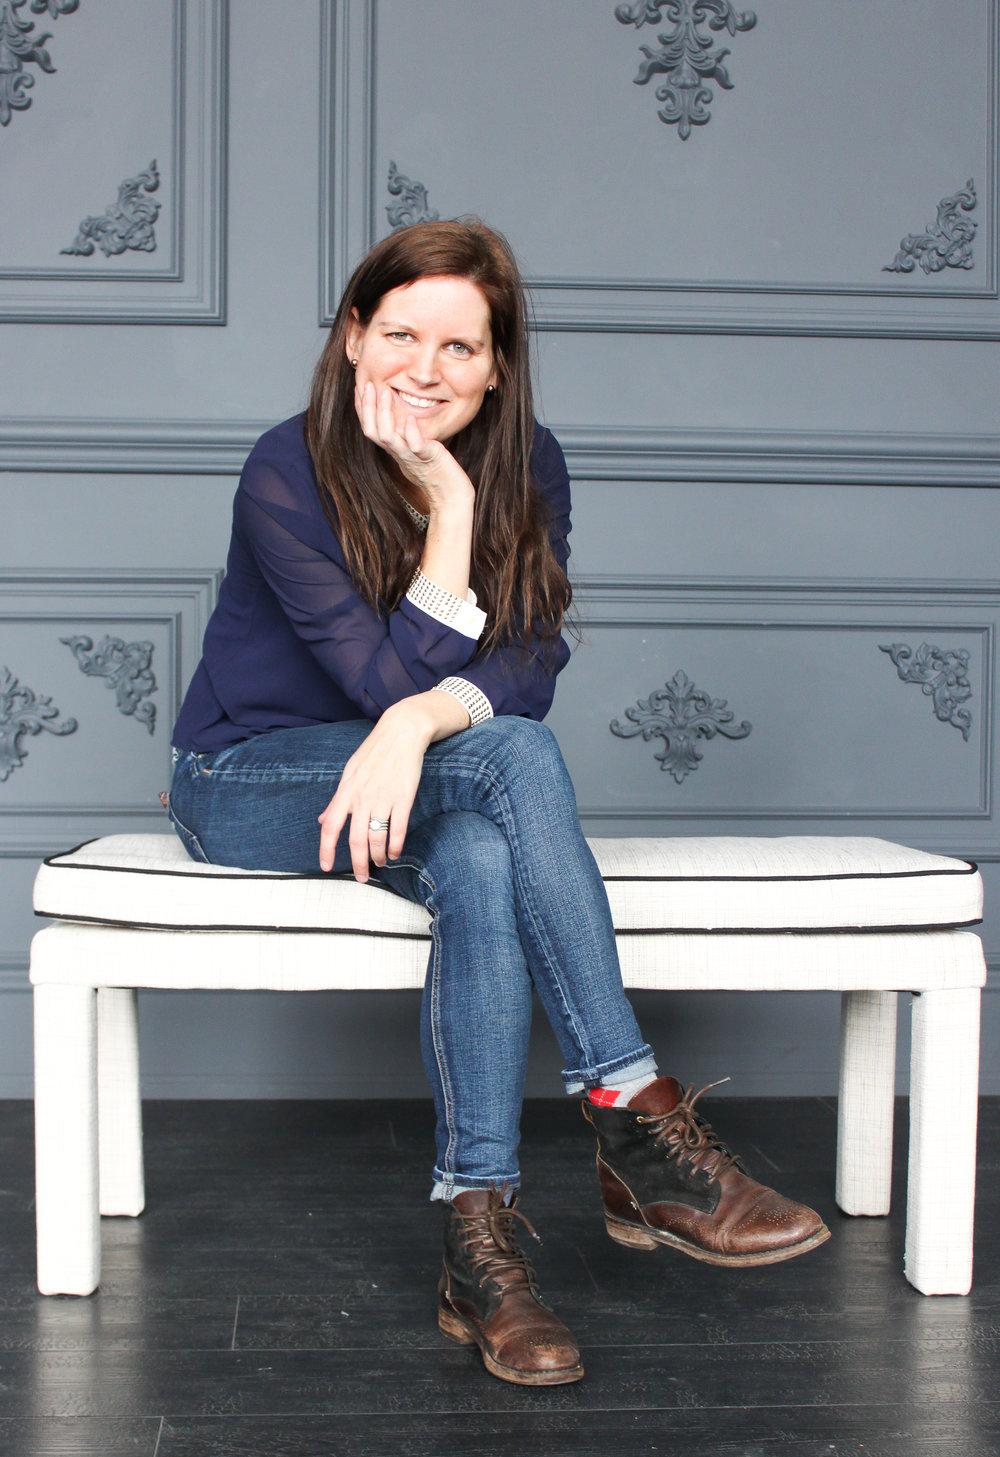 Jodie Merson, Owner